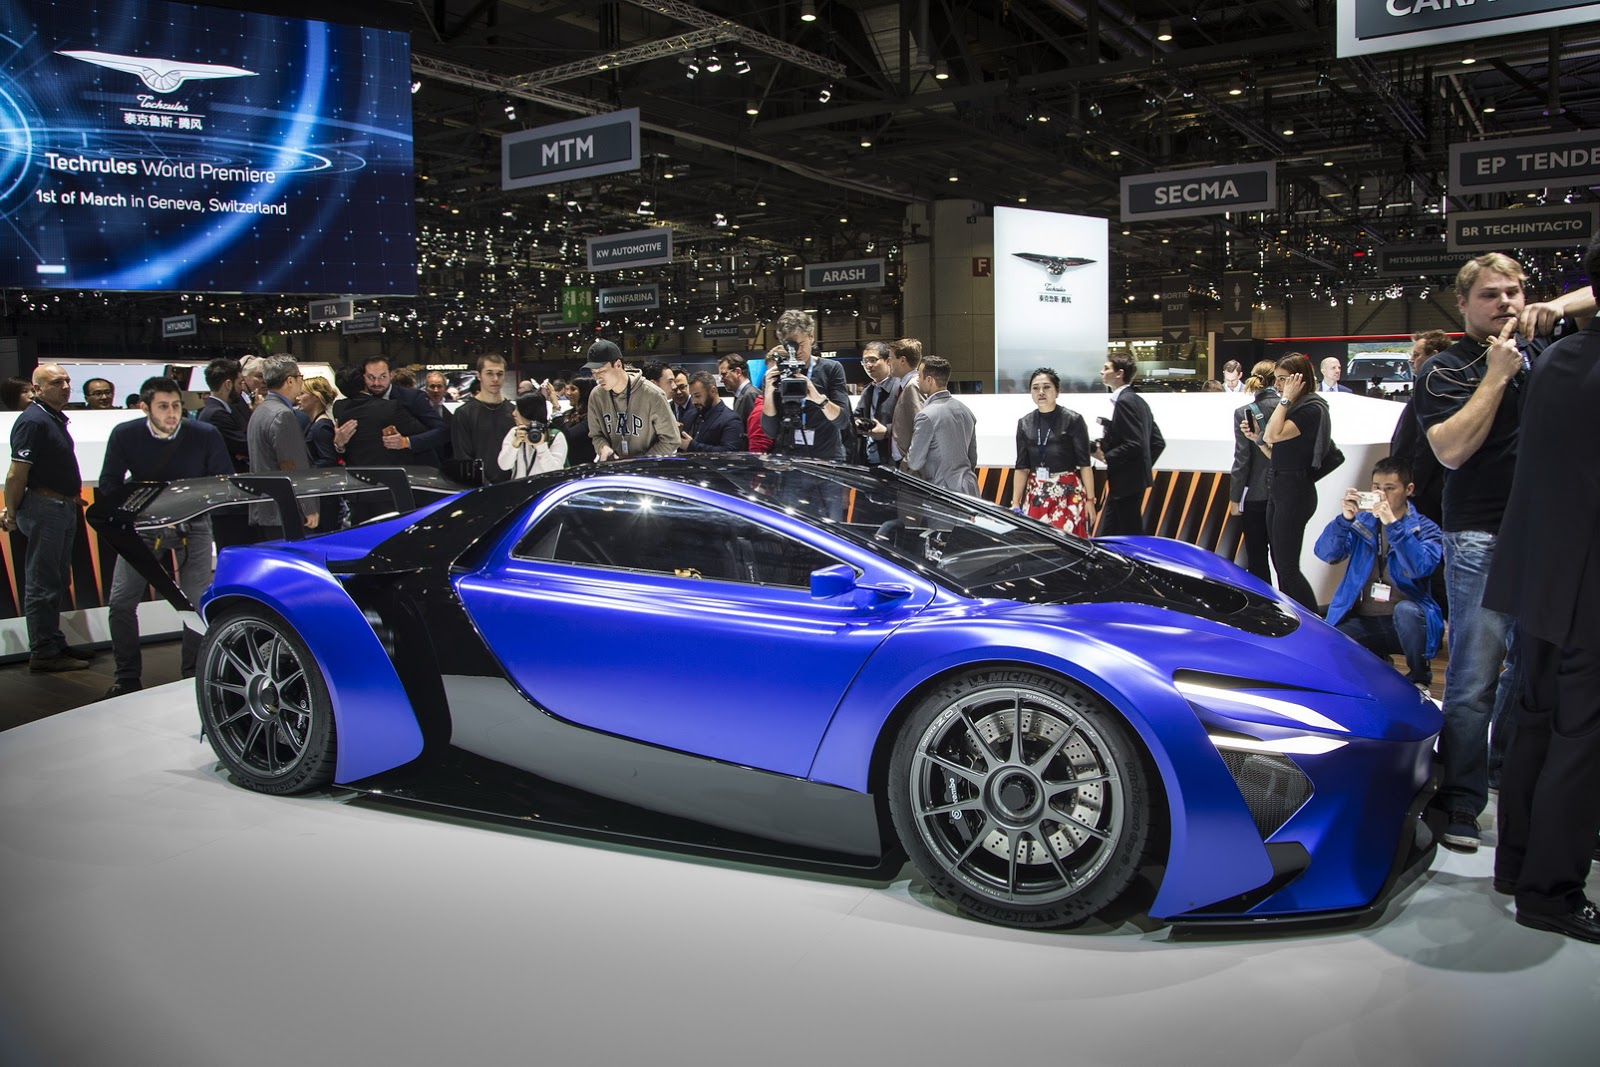 Siêu xe Techrules của Trung Quốc sẽ sản xuất tại Châu Âu